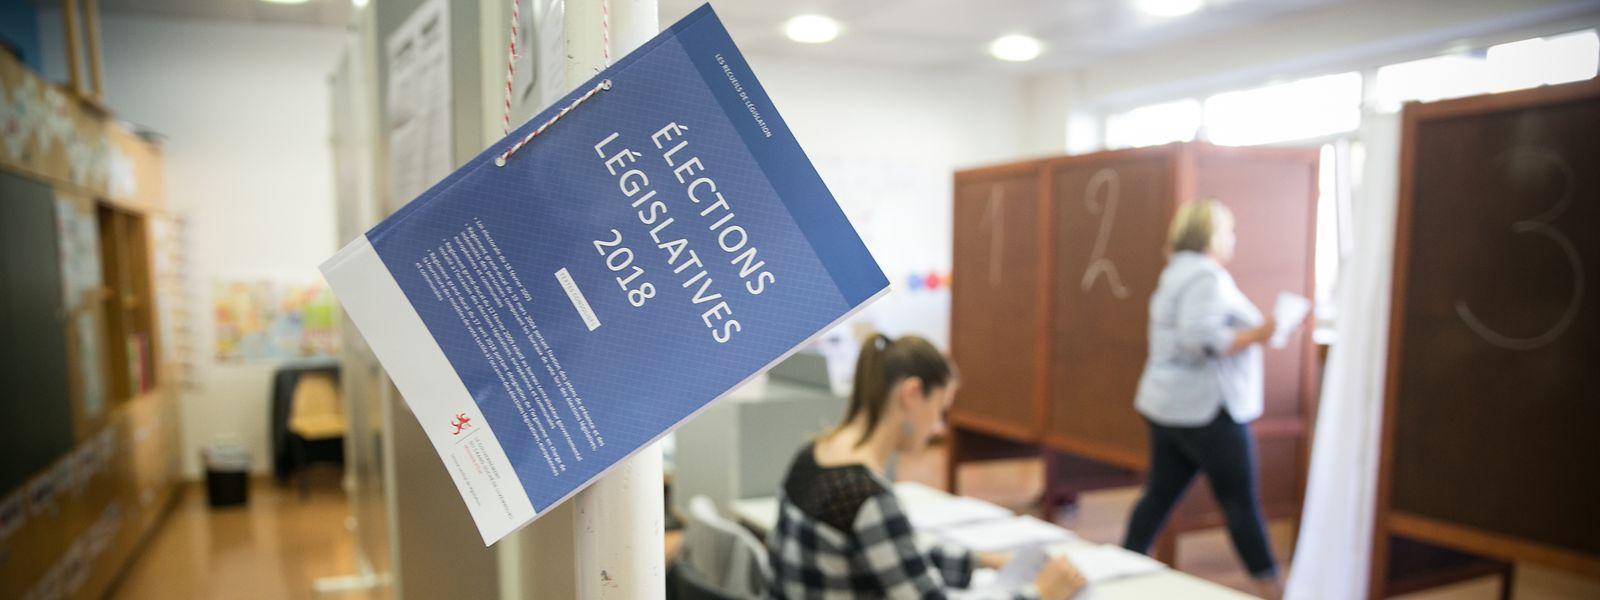 Kaum steht das Wahlergebnis fest, kommen die ersten Forderungen auf den Tisch - das ist so sicher wie das Wahlgesetz.